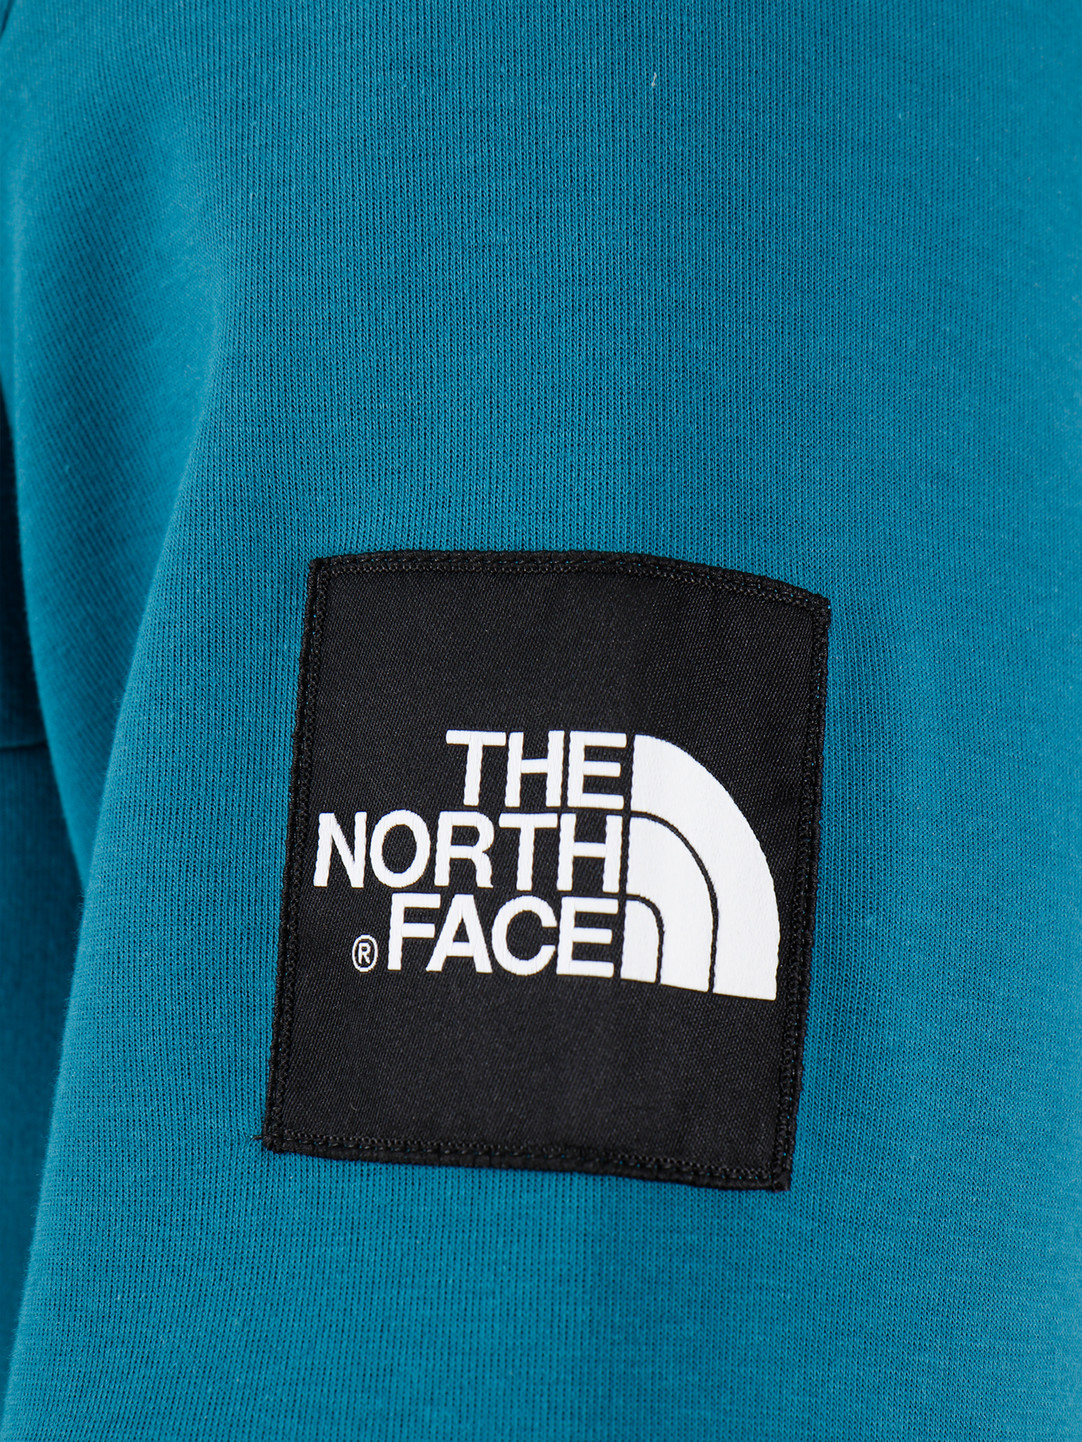 The North Face The North Face Fine 2 Crew Sweat Blue Coral T93XXZEFS